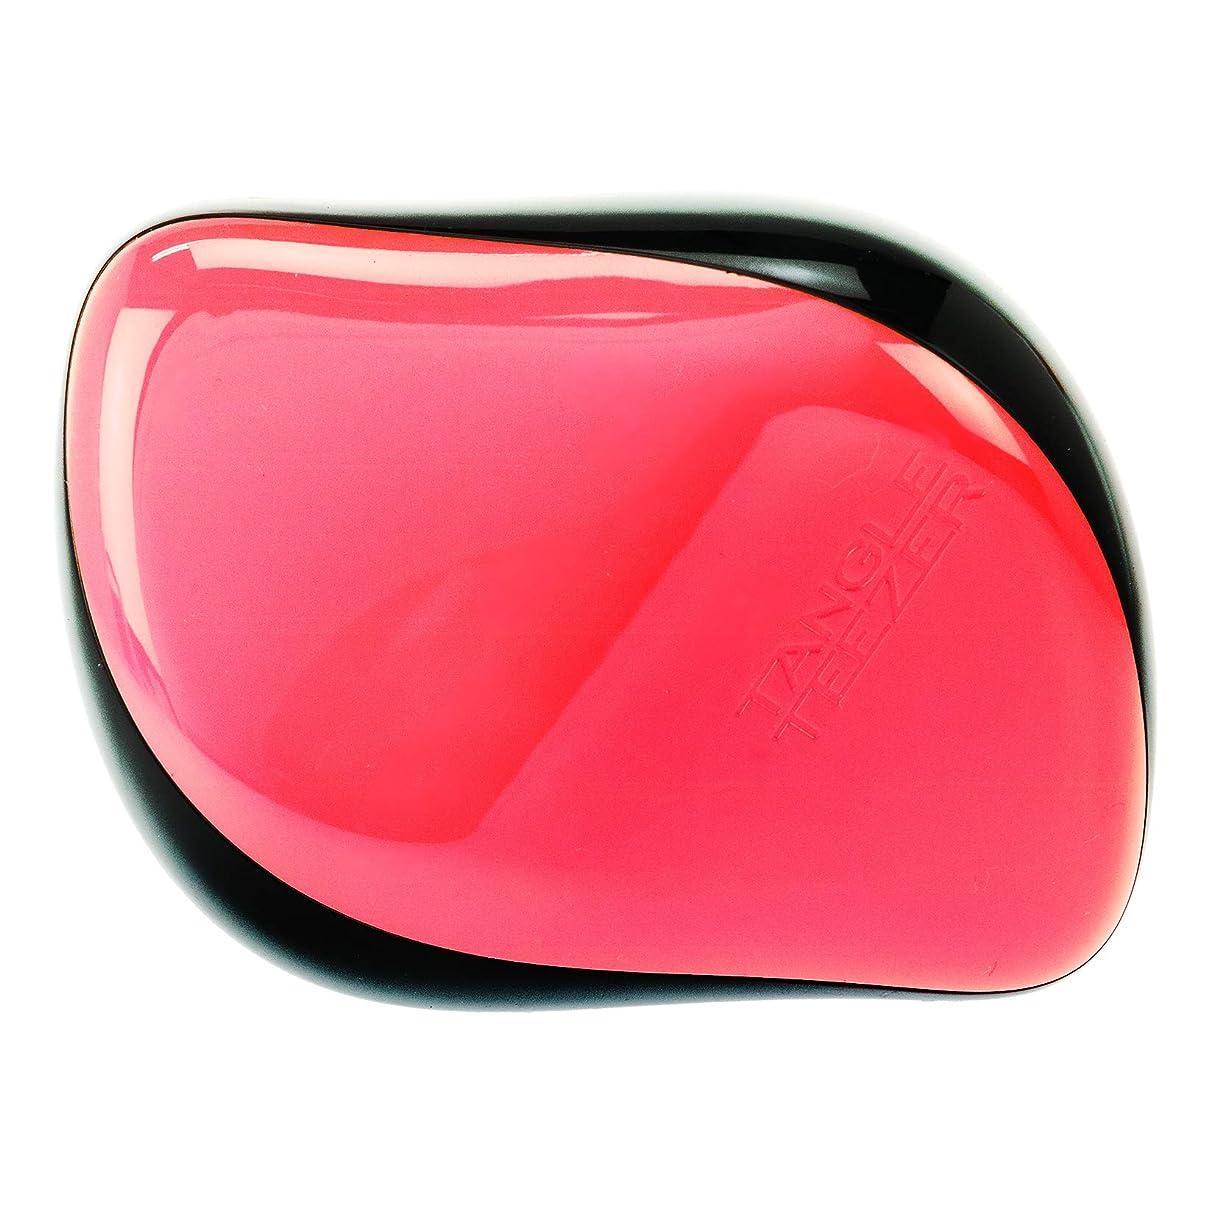 鎮痛剤策定する項目タングルティーザー コンパクトスタイラー #ピンク&ブラック